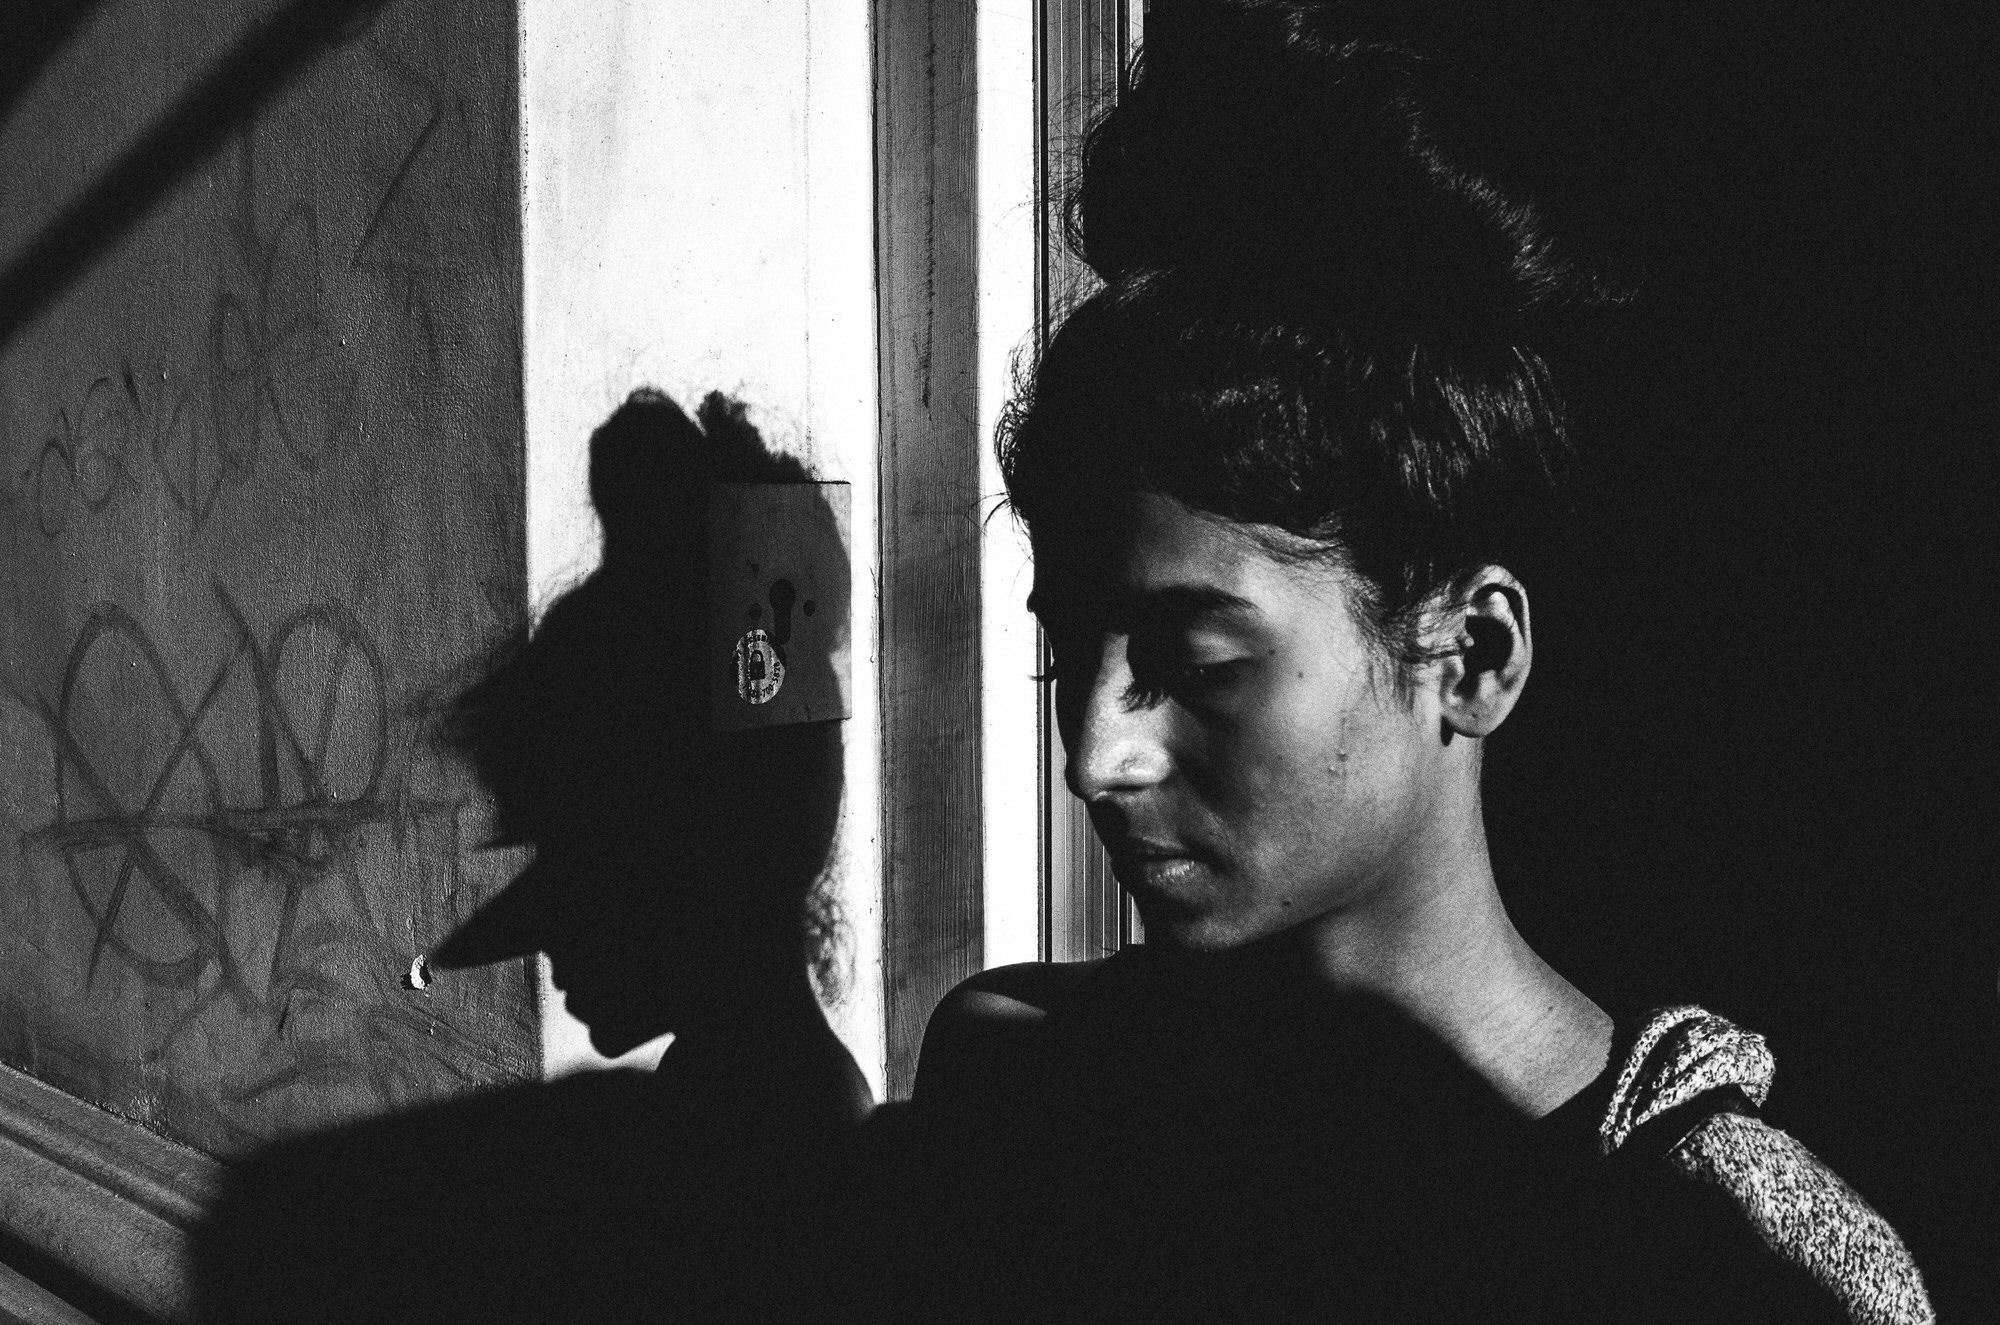 eric kim black and white street photography portfolio00004